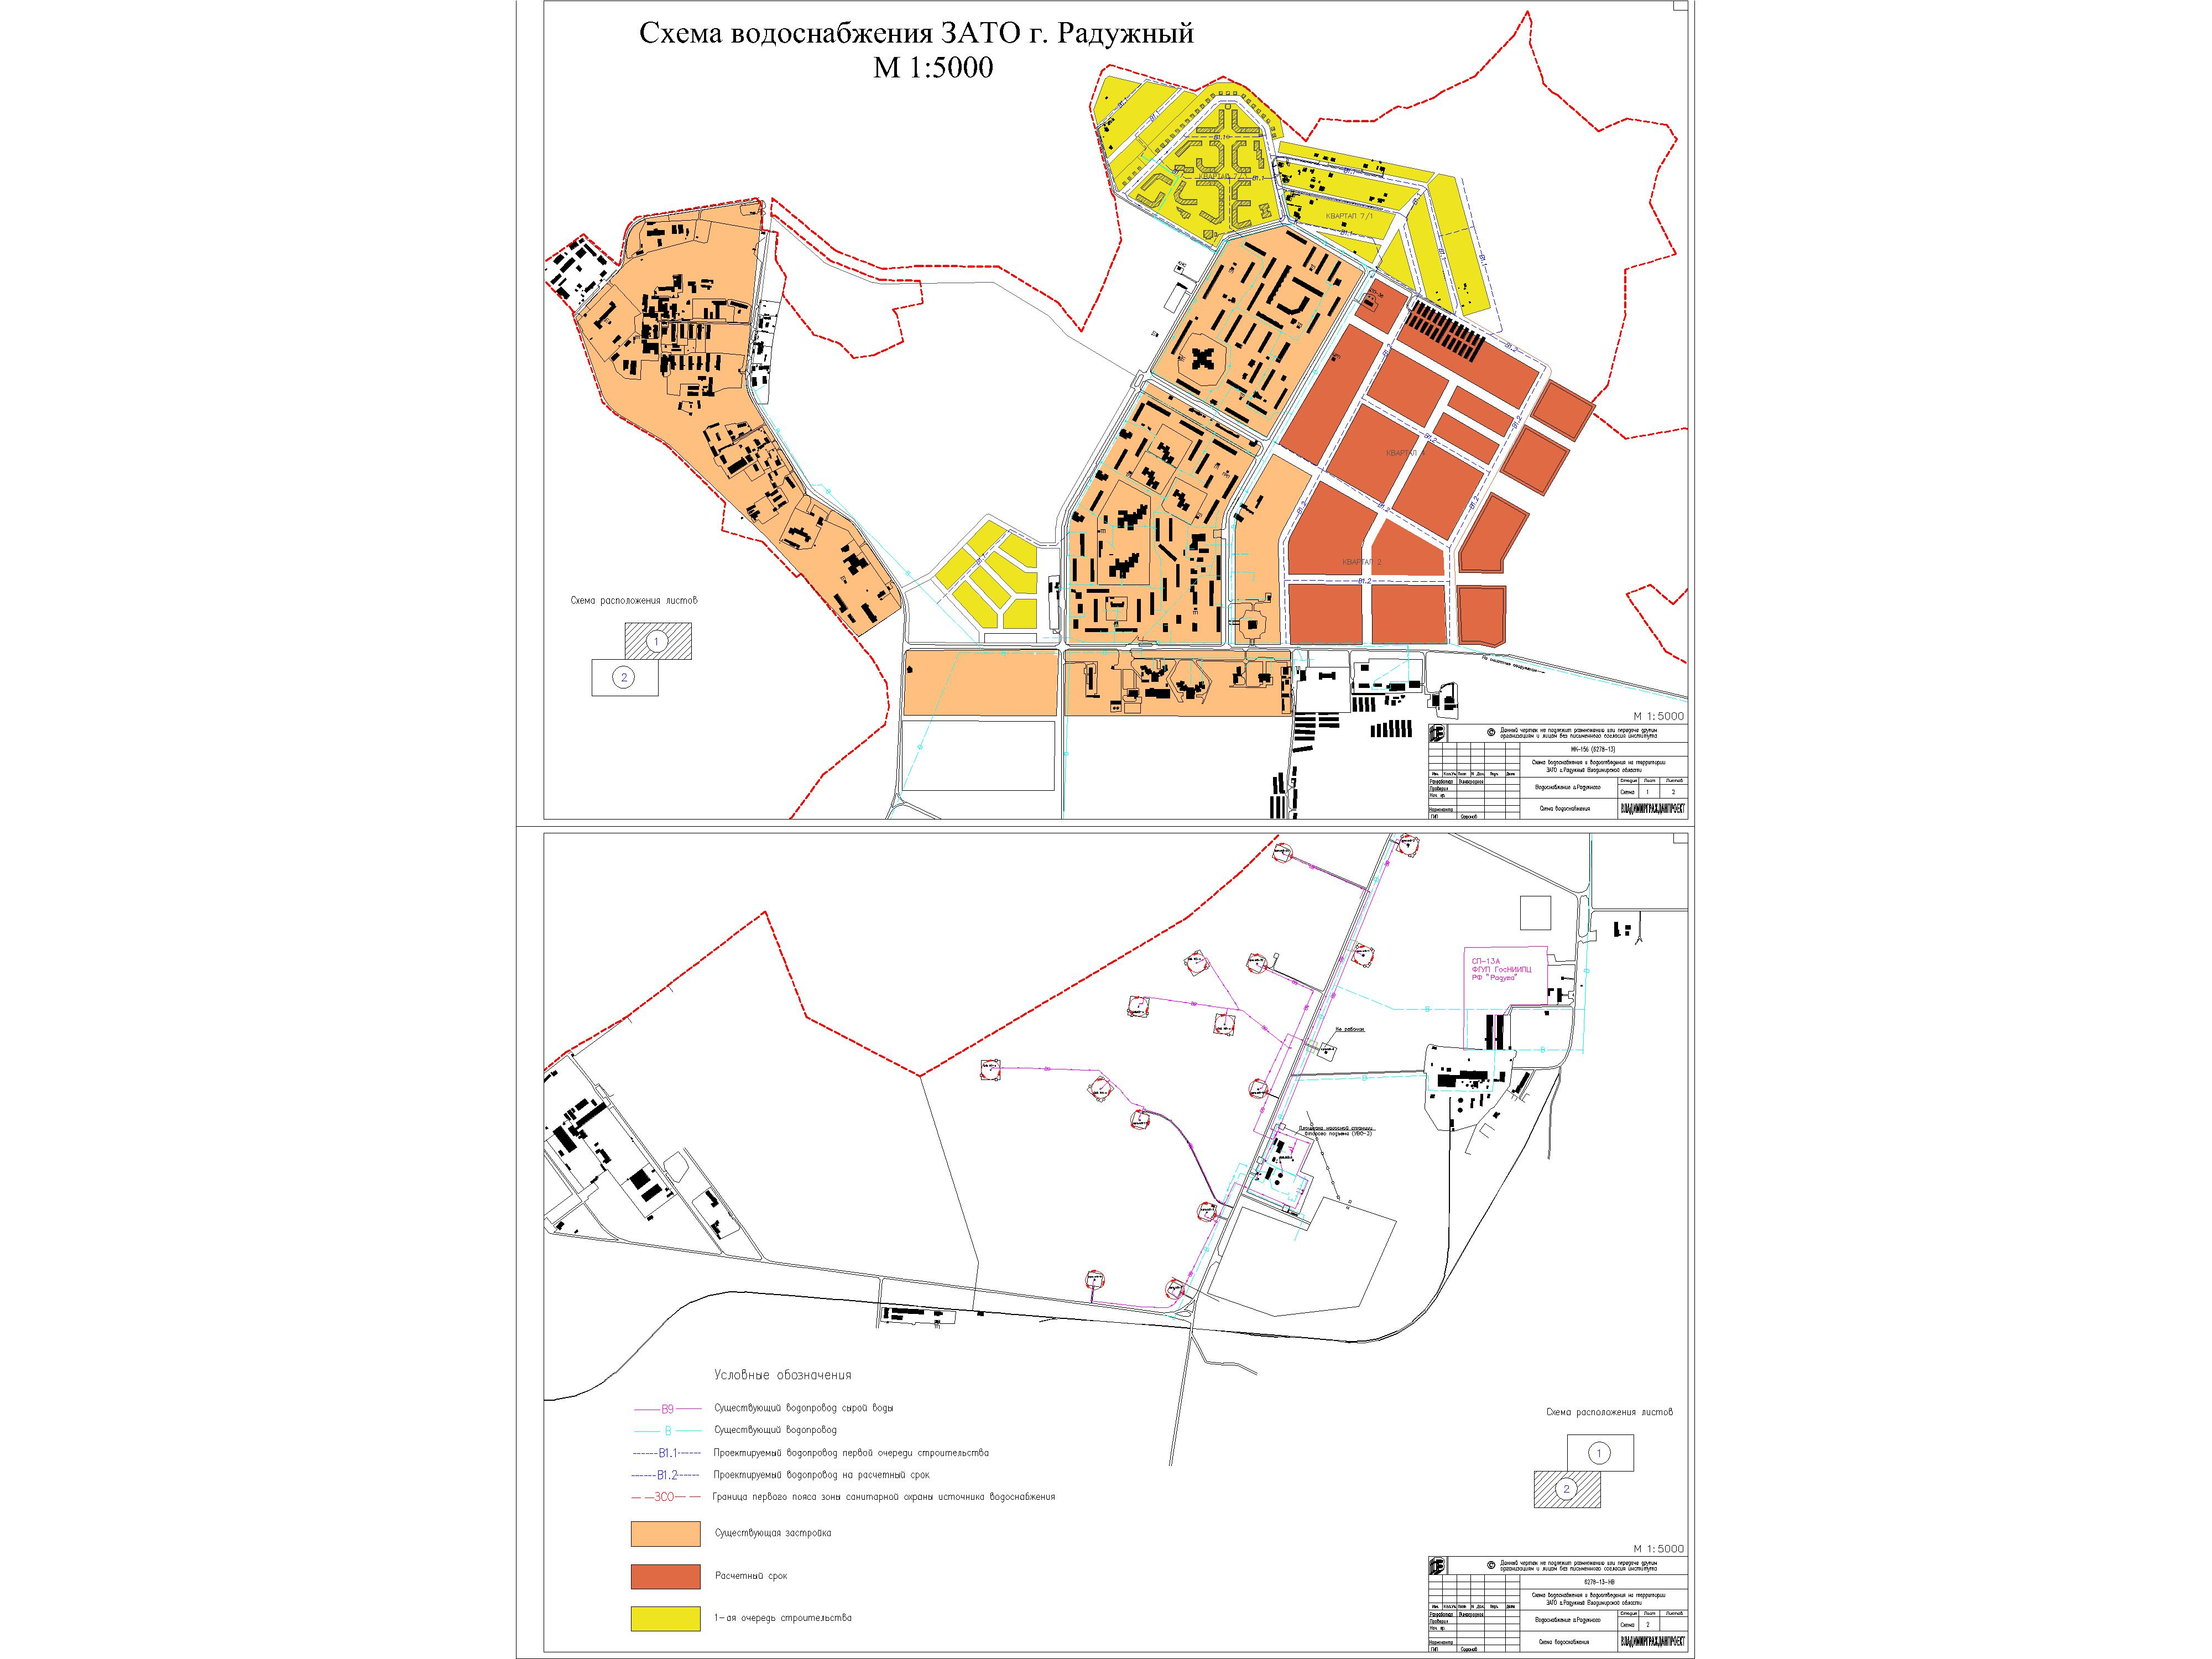 Утвержденная схема водоснабжения и водоотведения